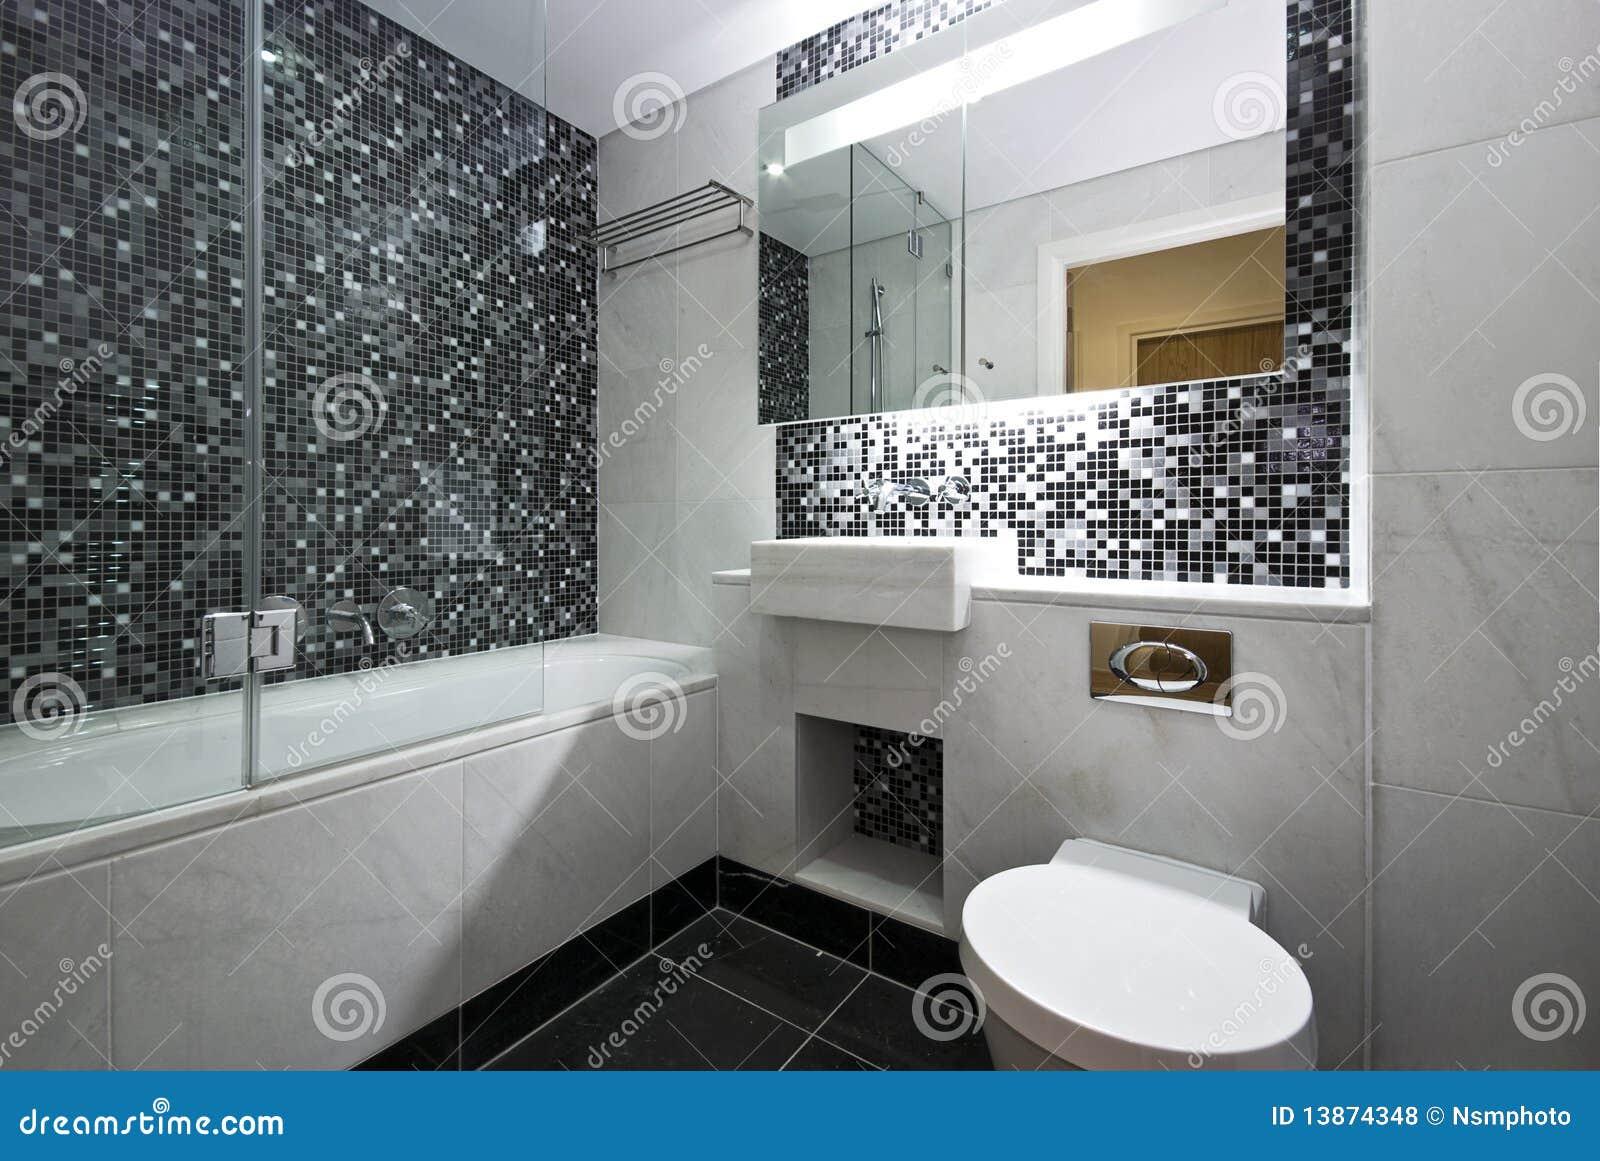 Salle de bains contemporaine d 39 en suite en noir et blanc for Salle de bain mosaique noir